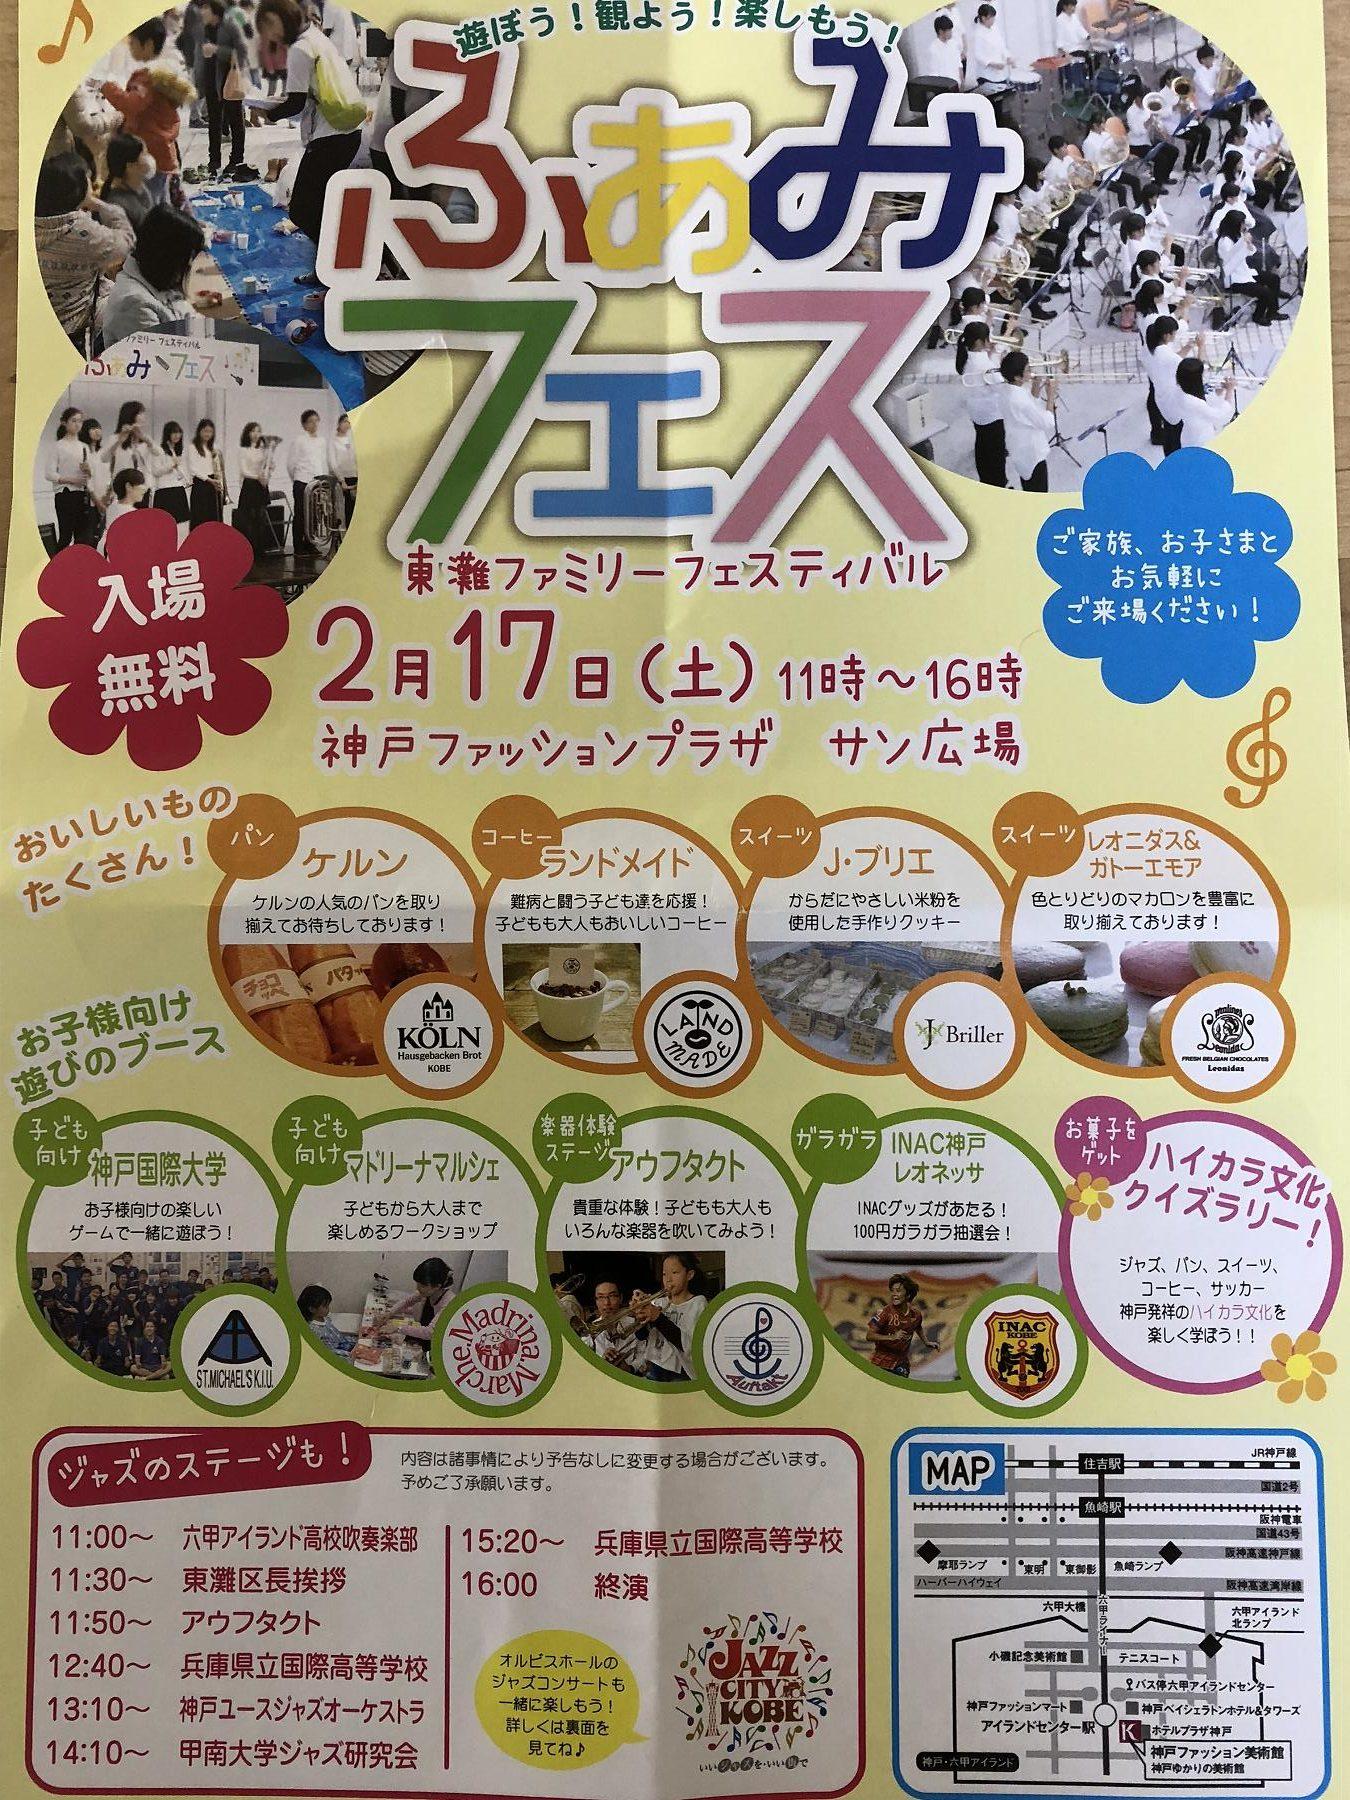 東灘ファミリーフェスティバル「ふぁみフェス」が2/17に六甲アイランドで開催されるよ! #ふぁみフェス #東灘ファミリーフェスティバル